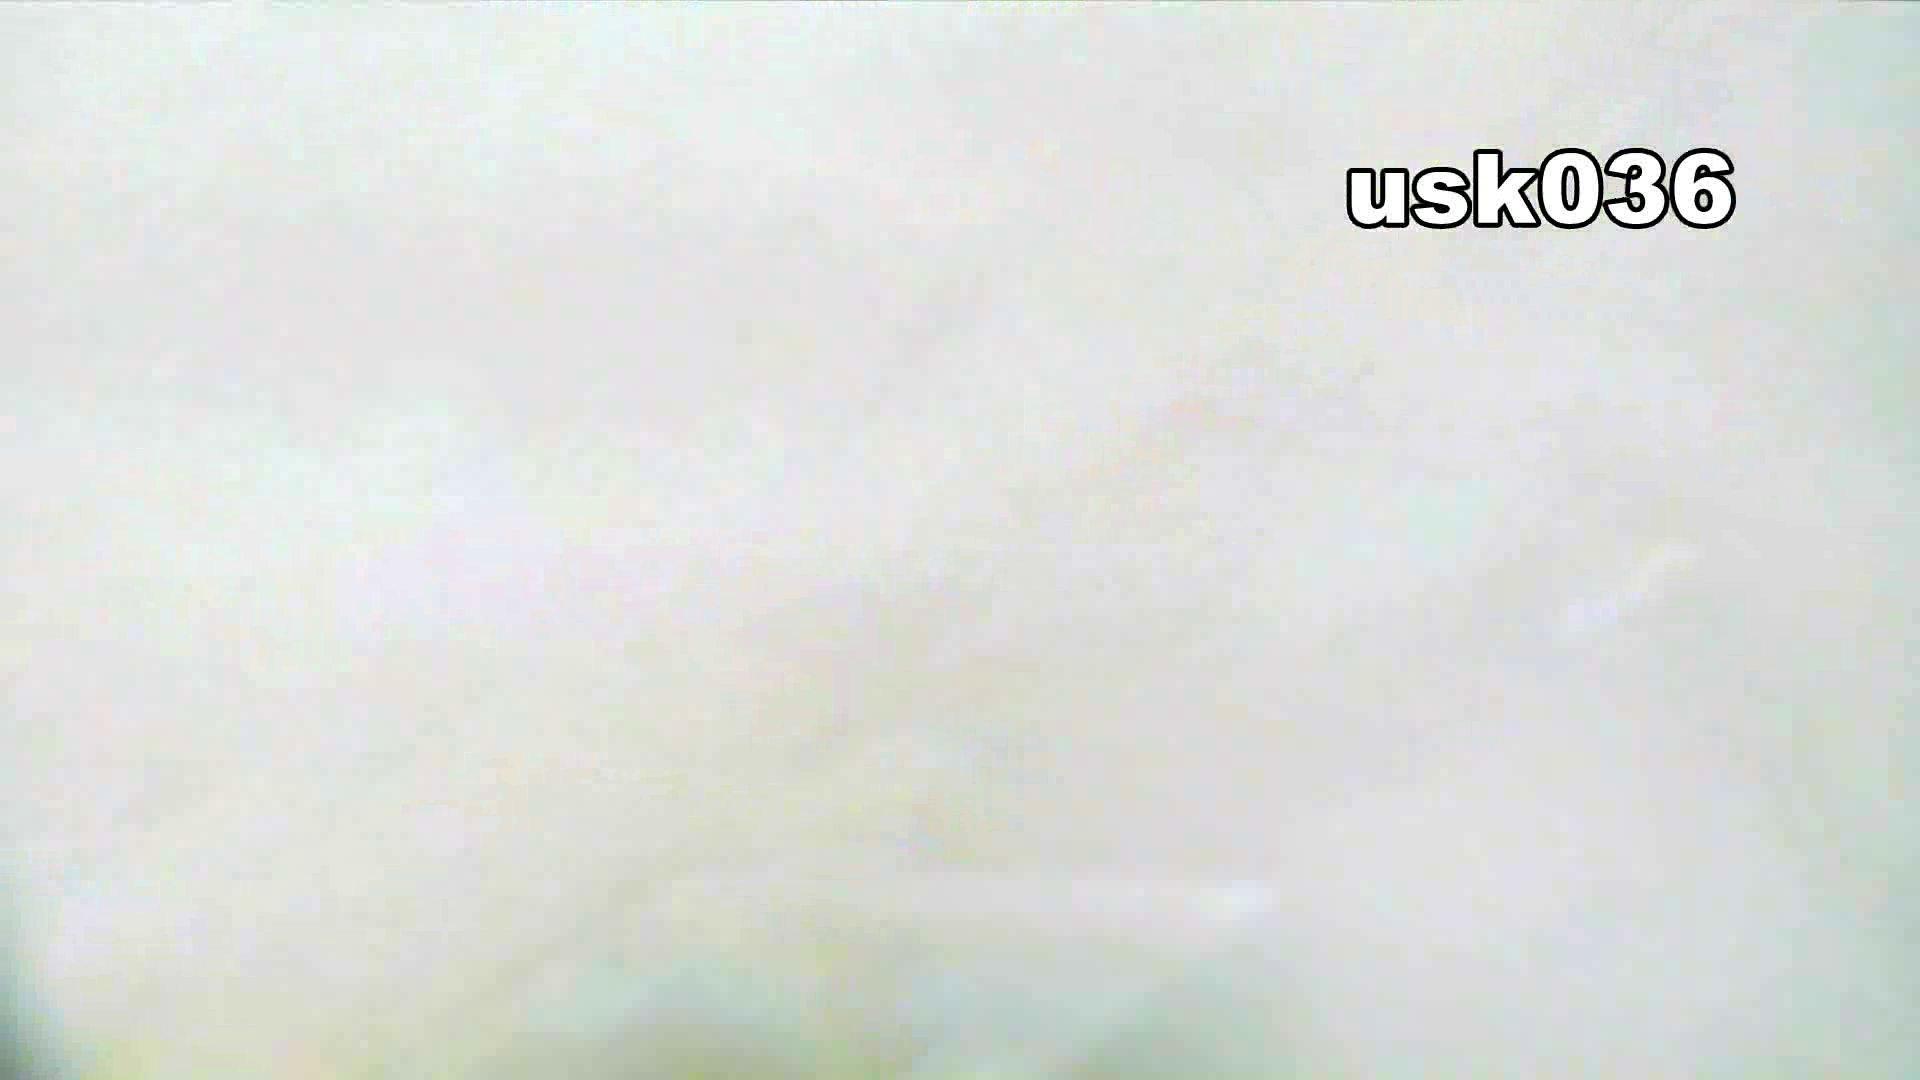 【美しき個室な世界】 vol.036 軟アリ 洗面所 濡れ場動画紹介 112画像 101